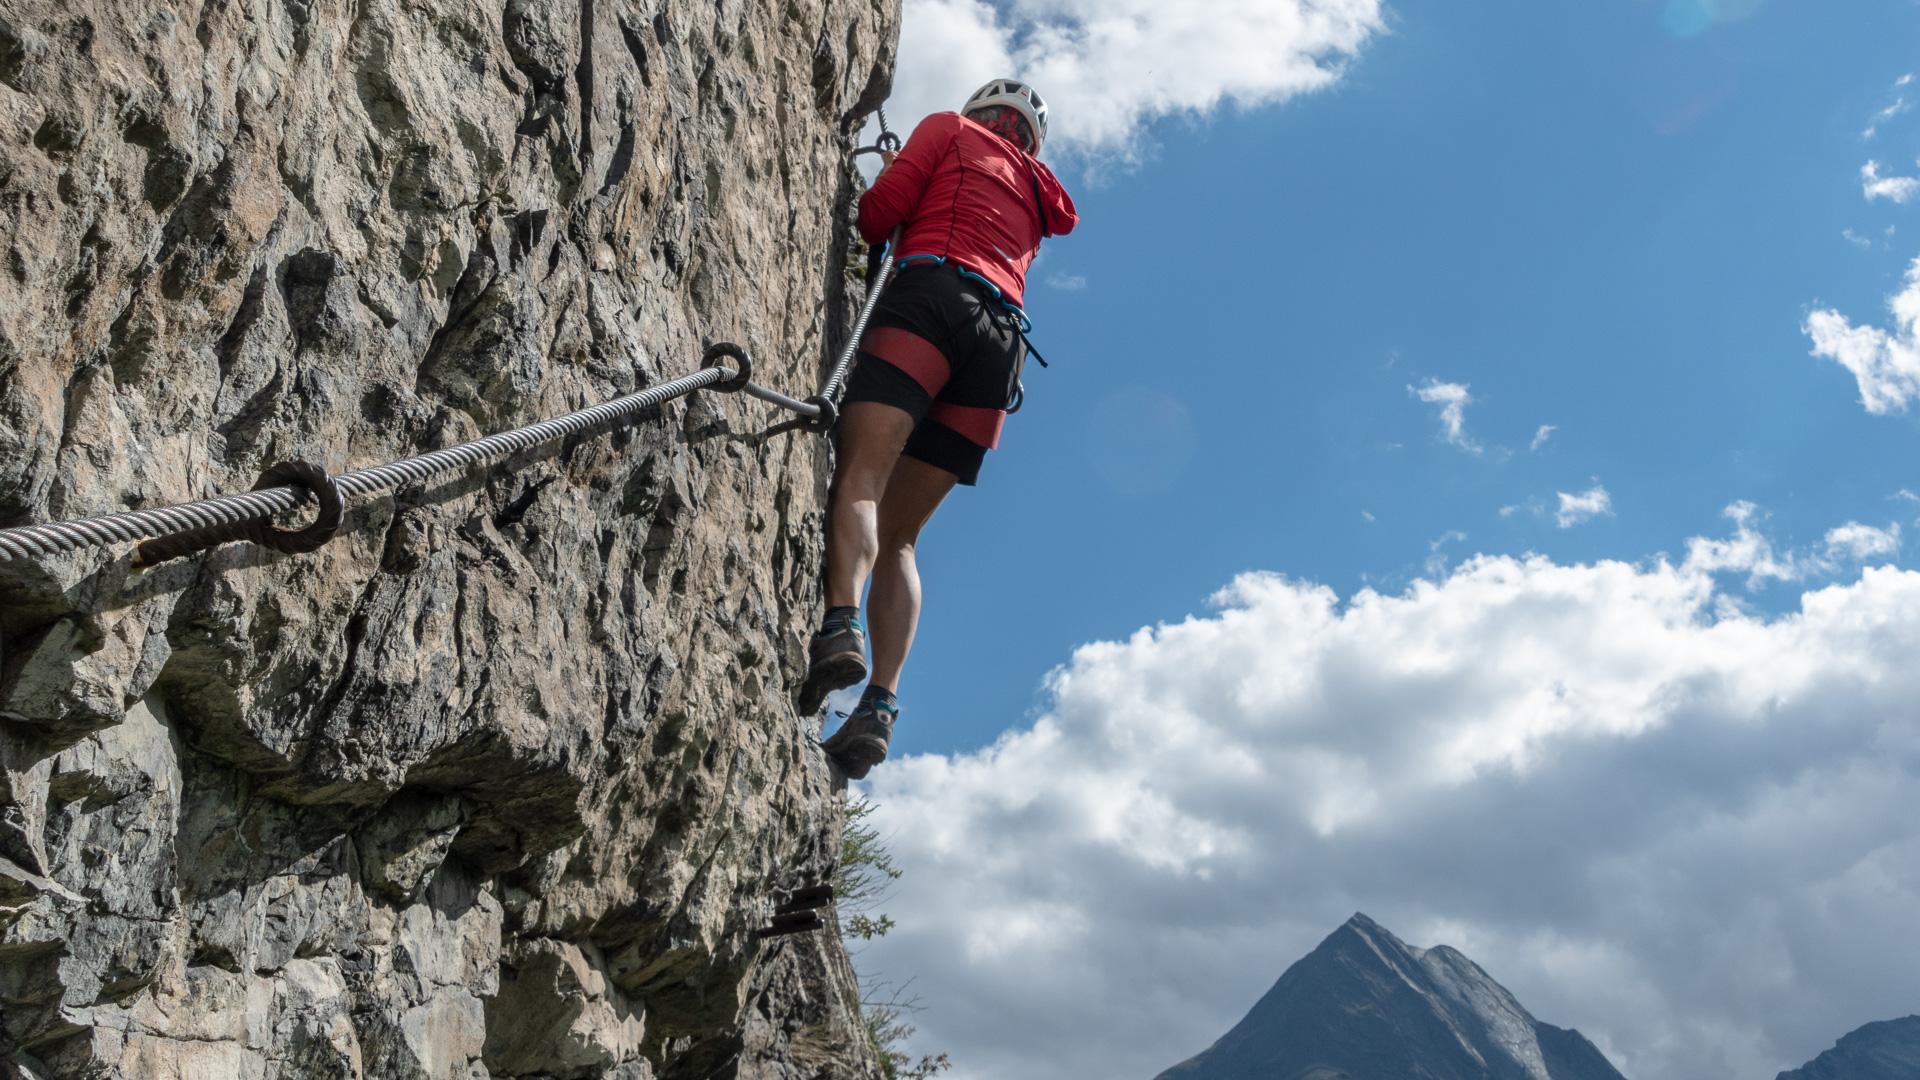 Klettersteig Längenfeld : Klettersteige reinhard schiestl steig auf die burgsteiner wand